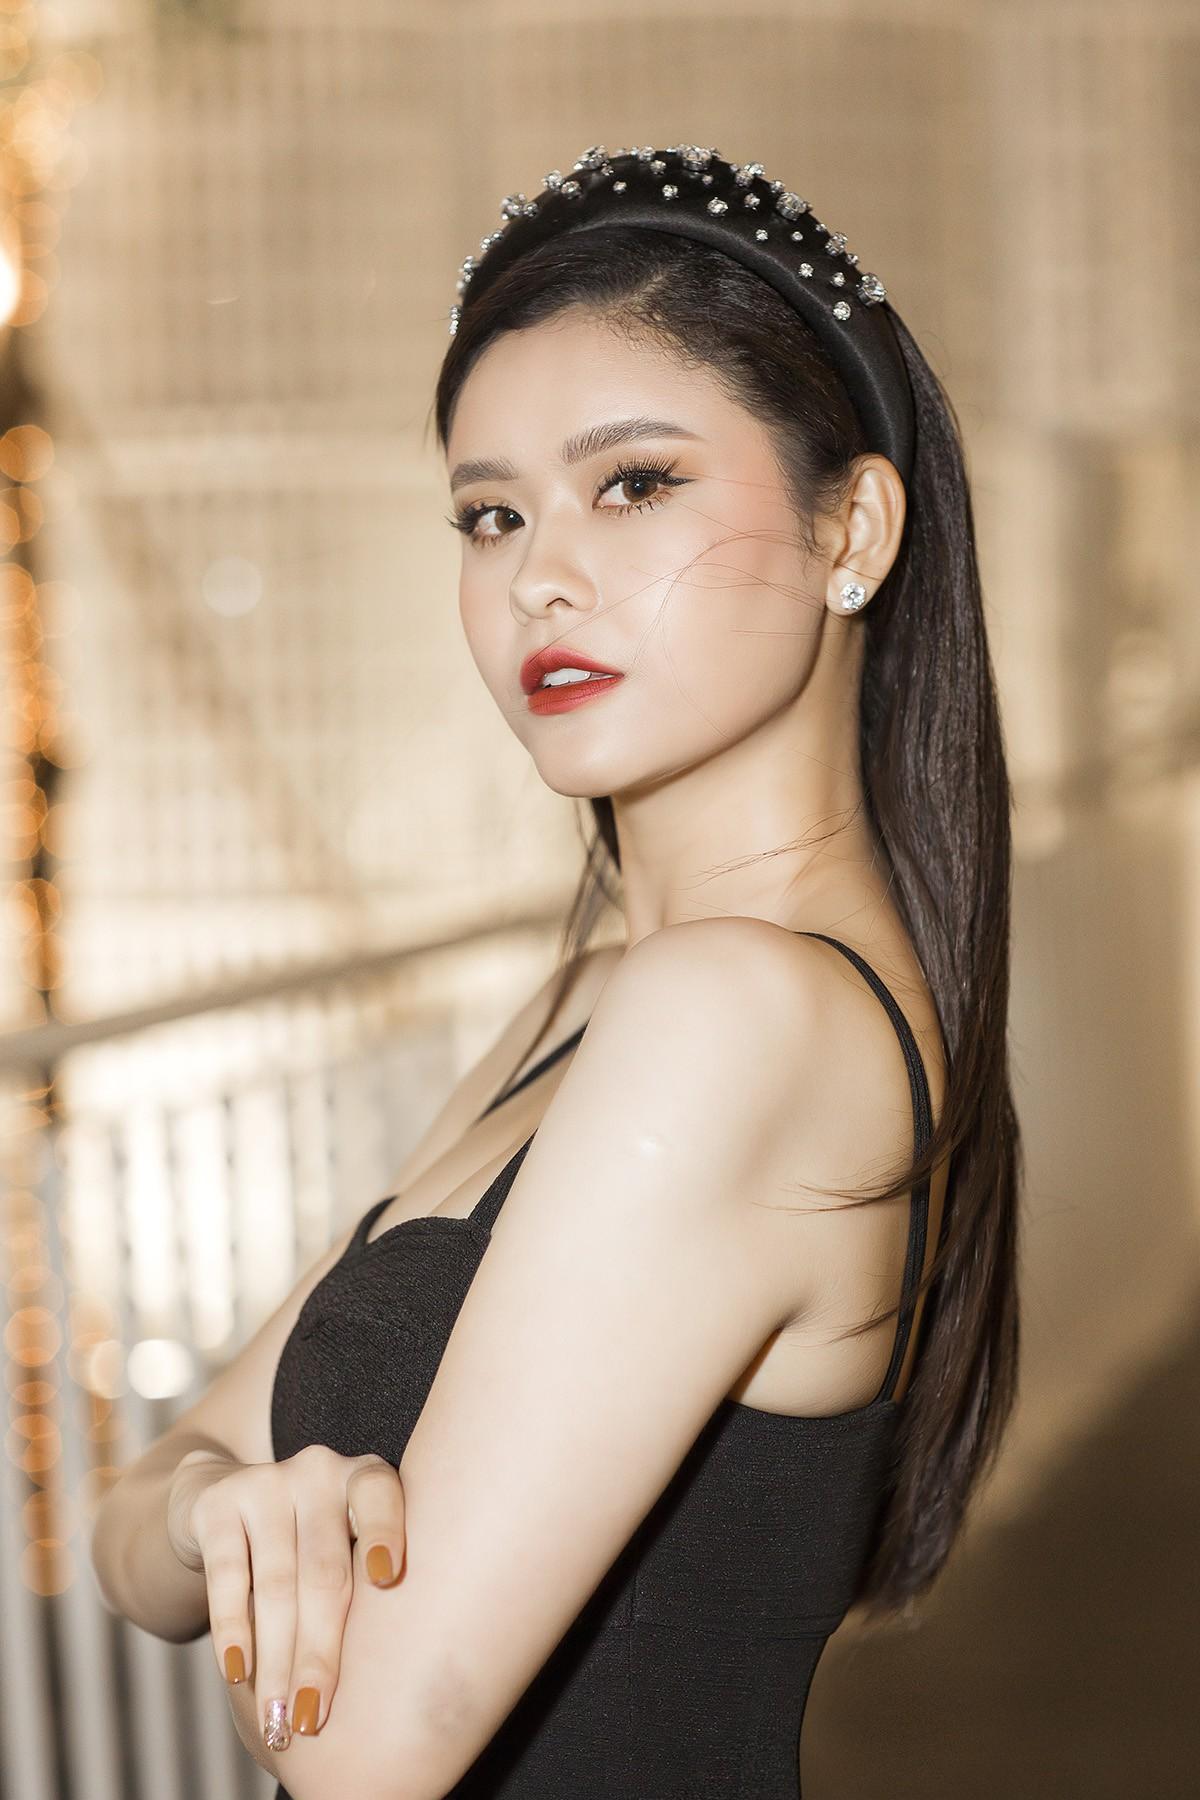 Tim vướng tin hẹn hò Đàm Phương Linh, Trương Quỳnh Anh tuyên bố: Chuyện bên ngoài cánh cửa tôi đã không quan tâm nữa-5